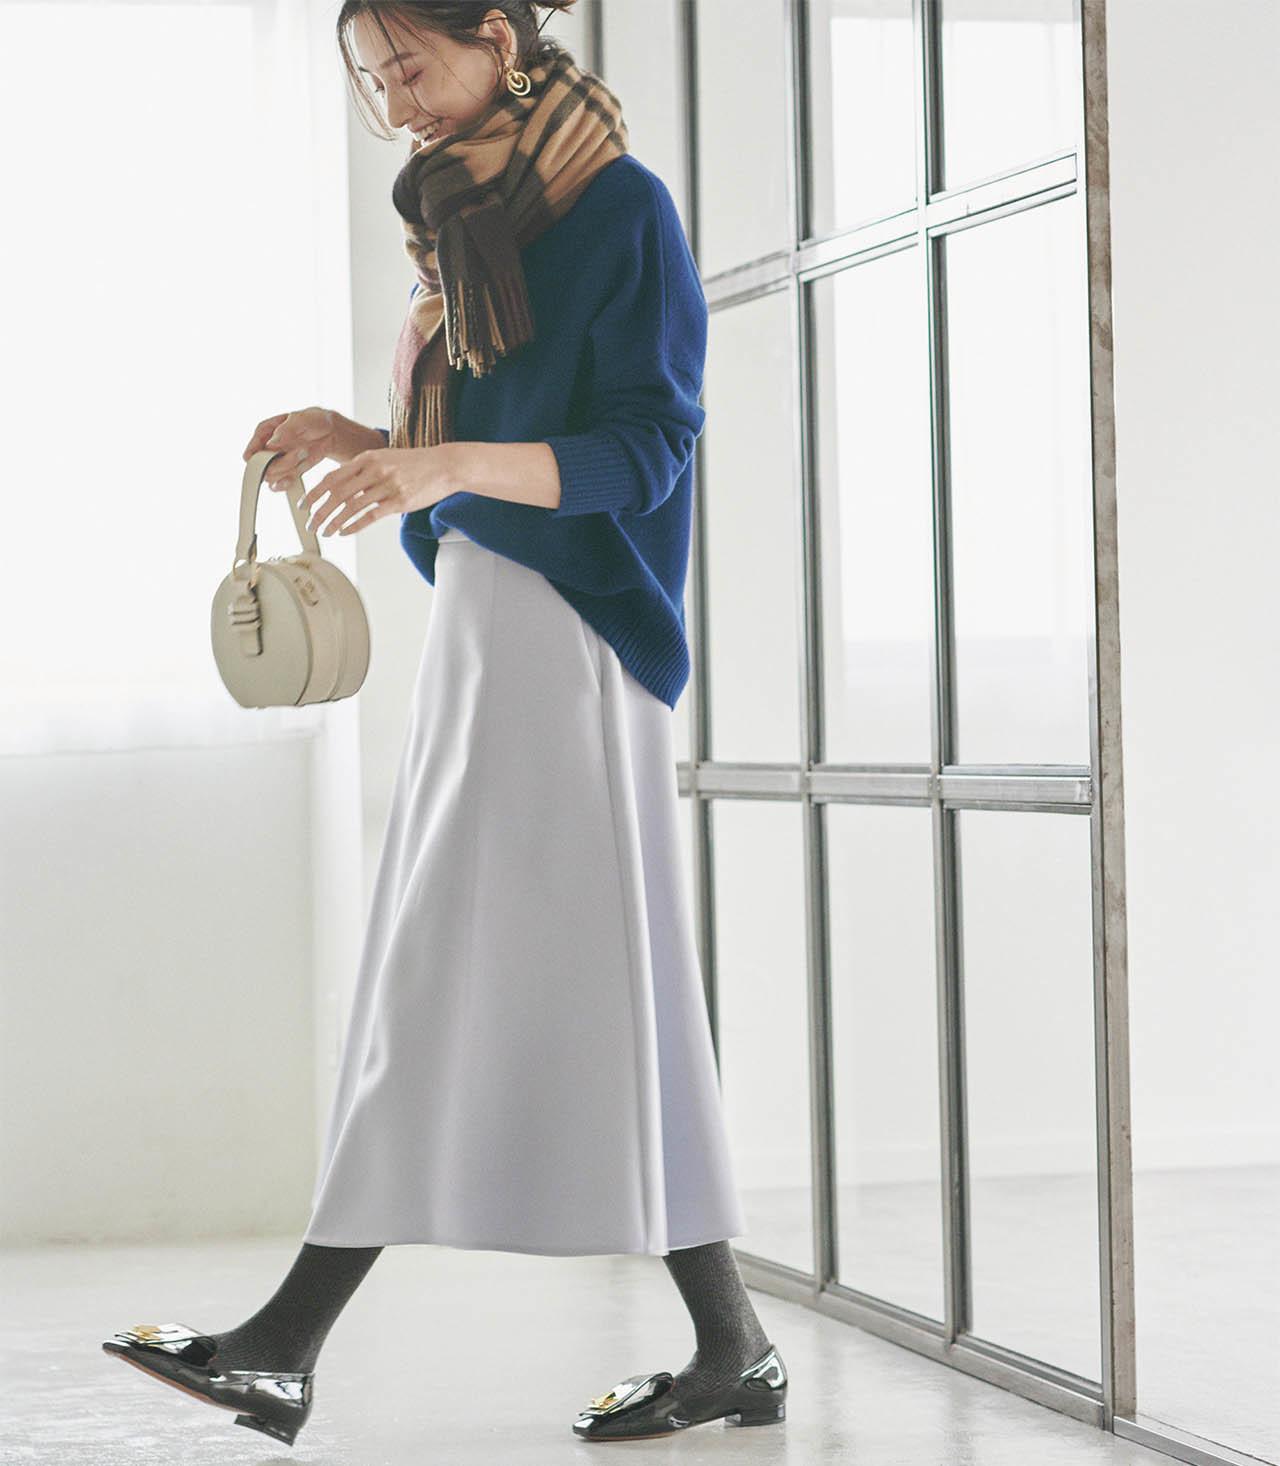 くすみパステルカラーのスカートとチャコールグレーのタイツ